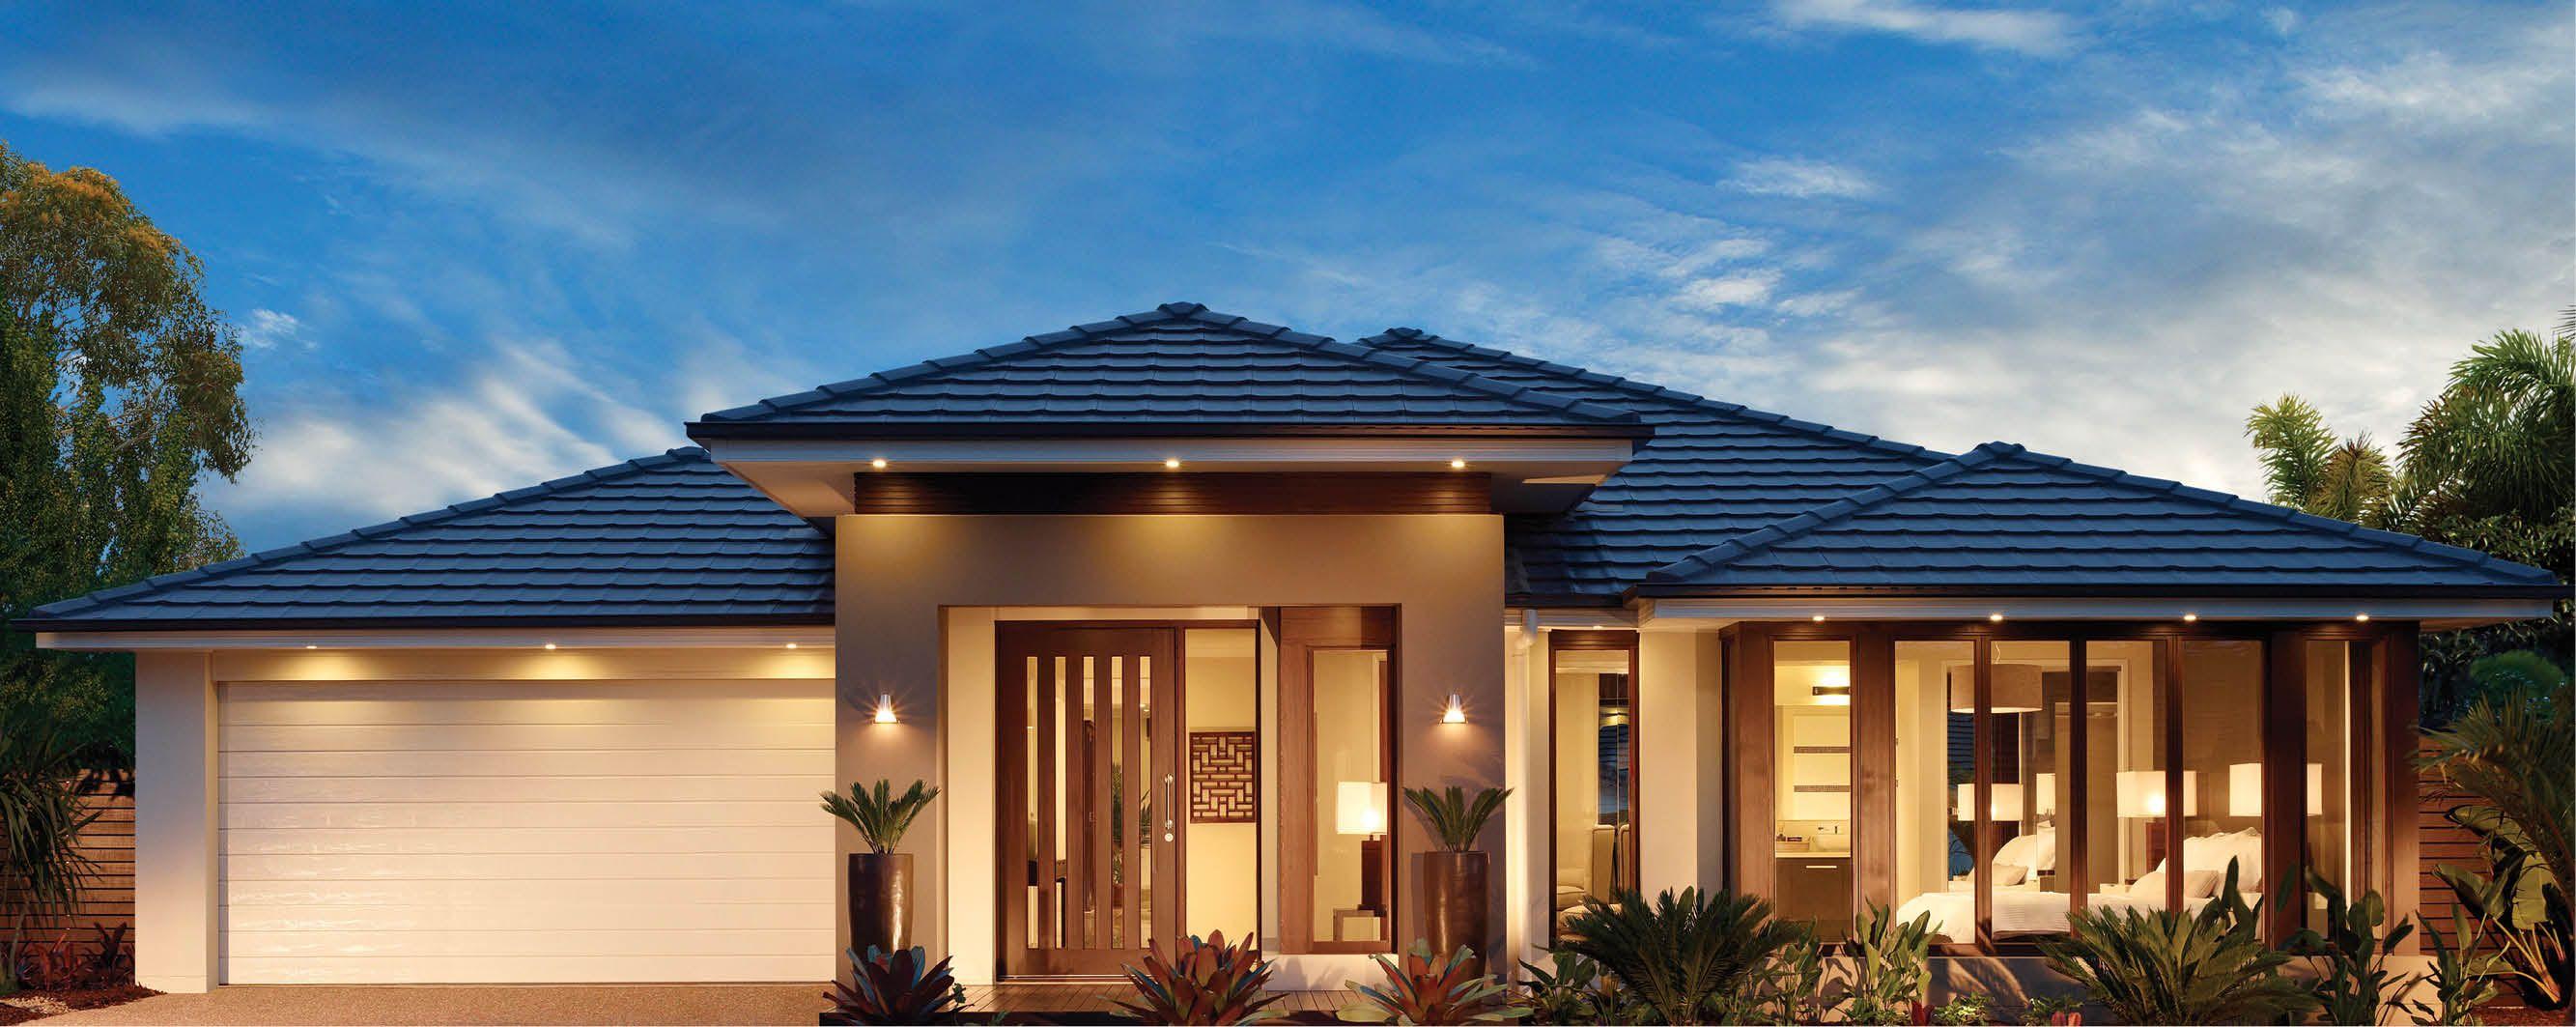 Roof Tiles Coal Modern House Facades Facade House One Storey House